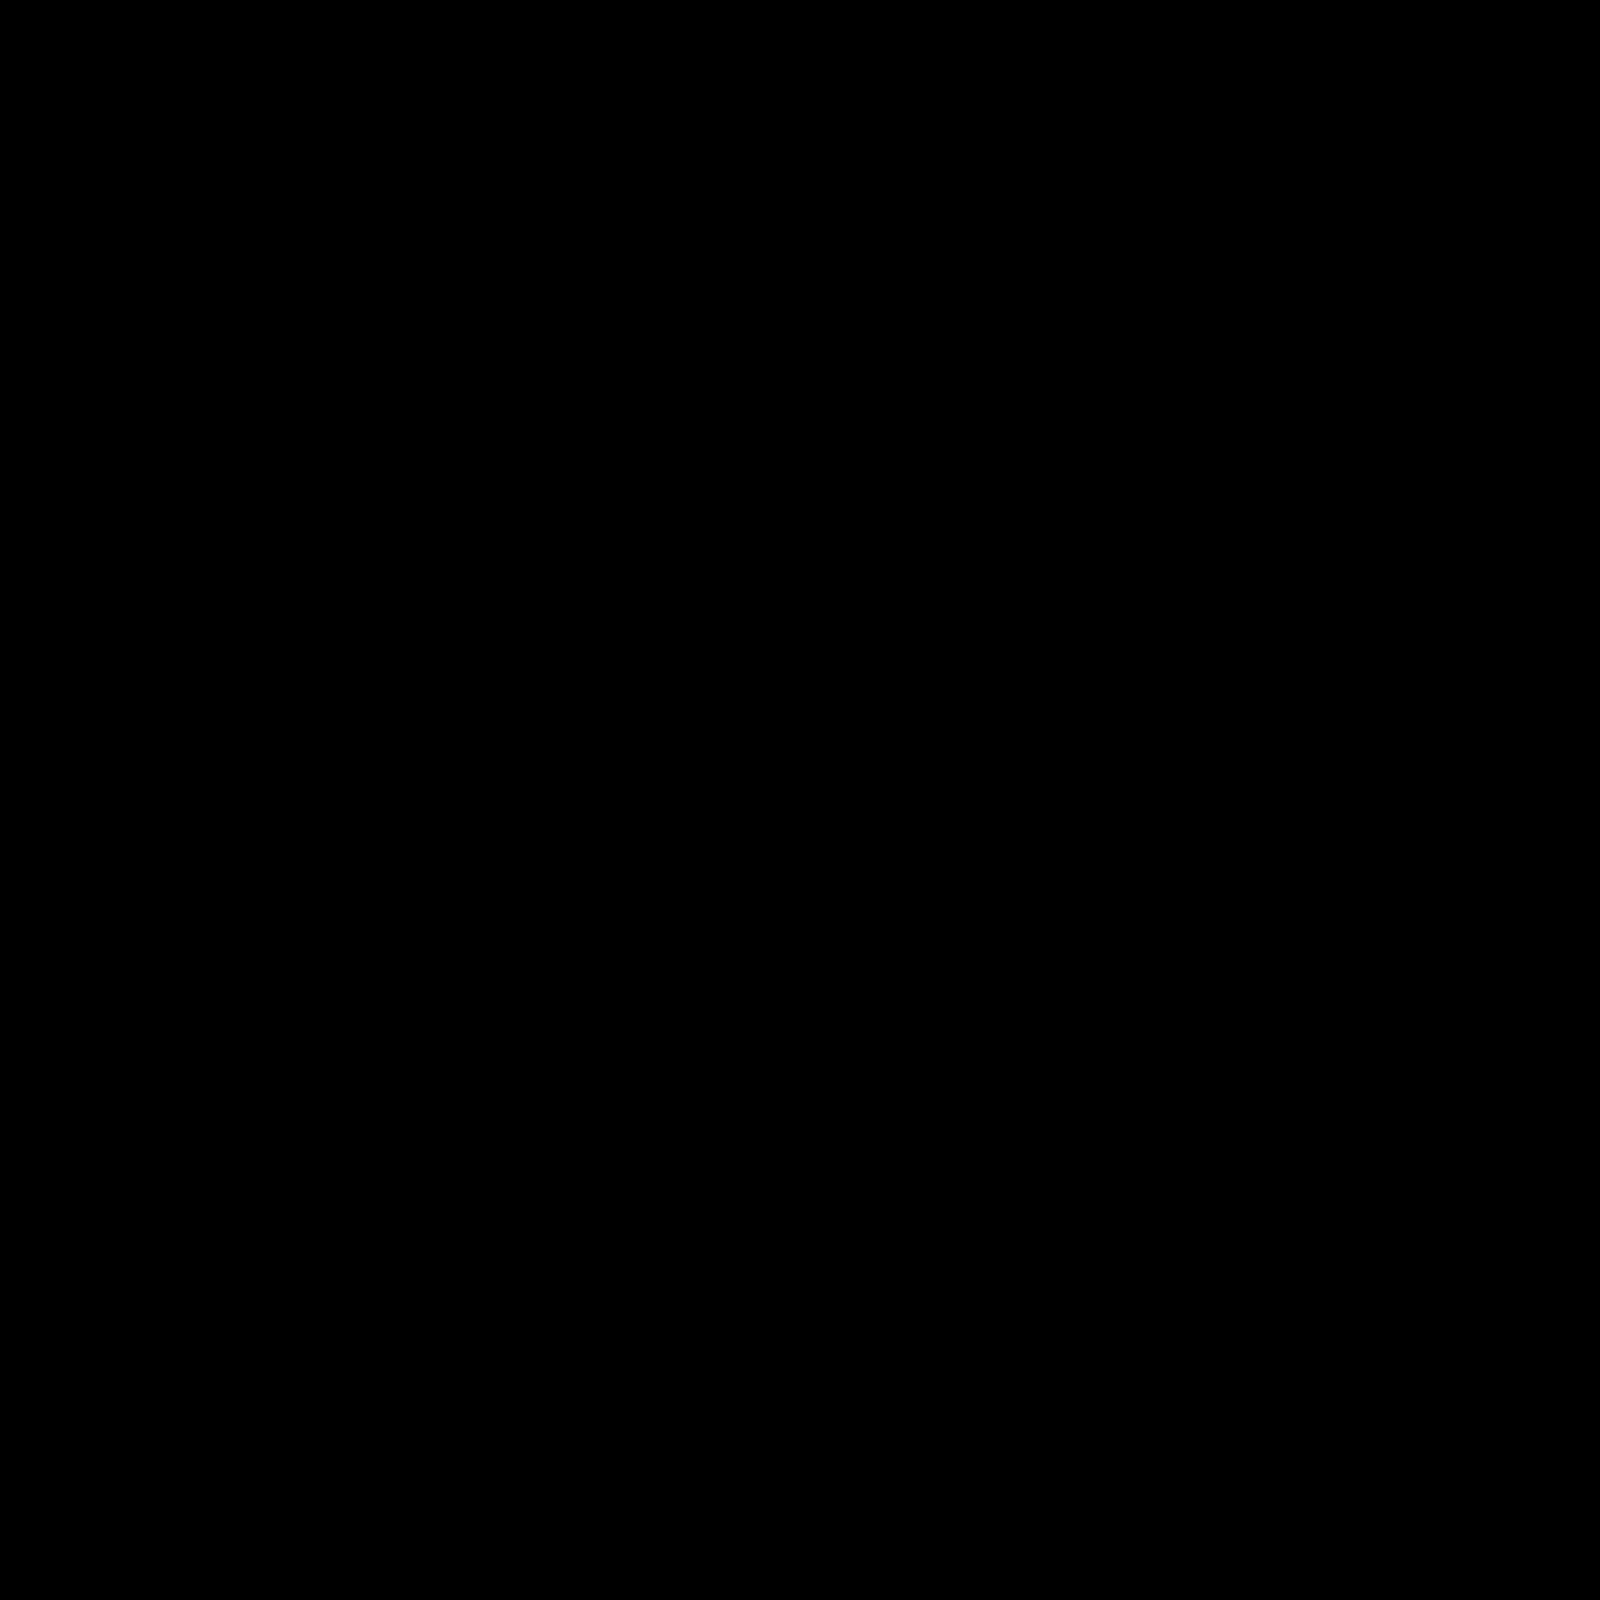 Strzykawka icon